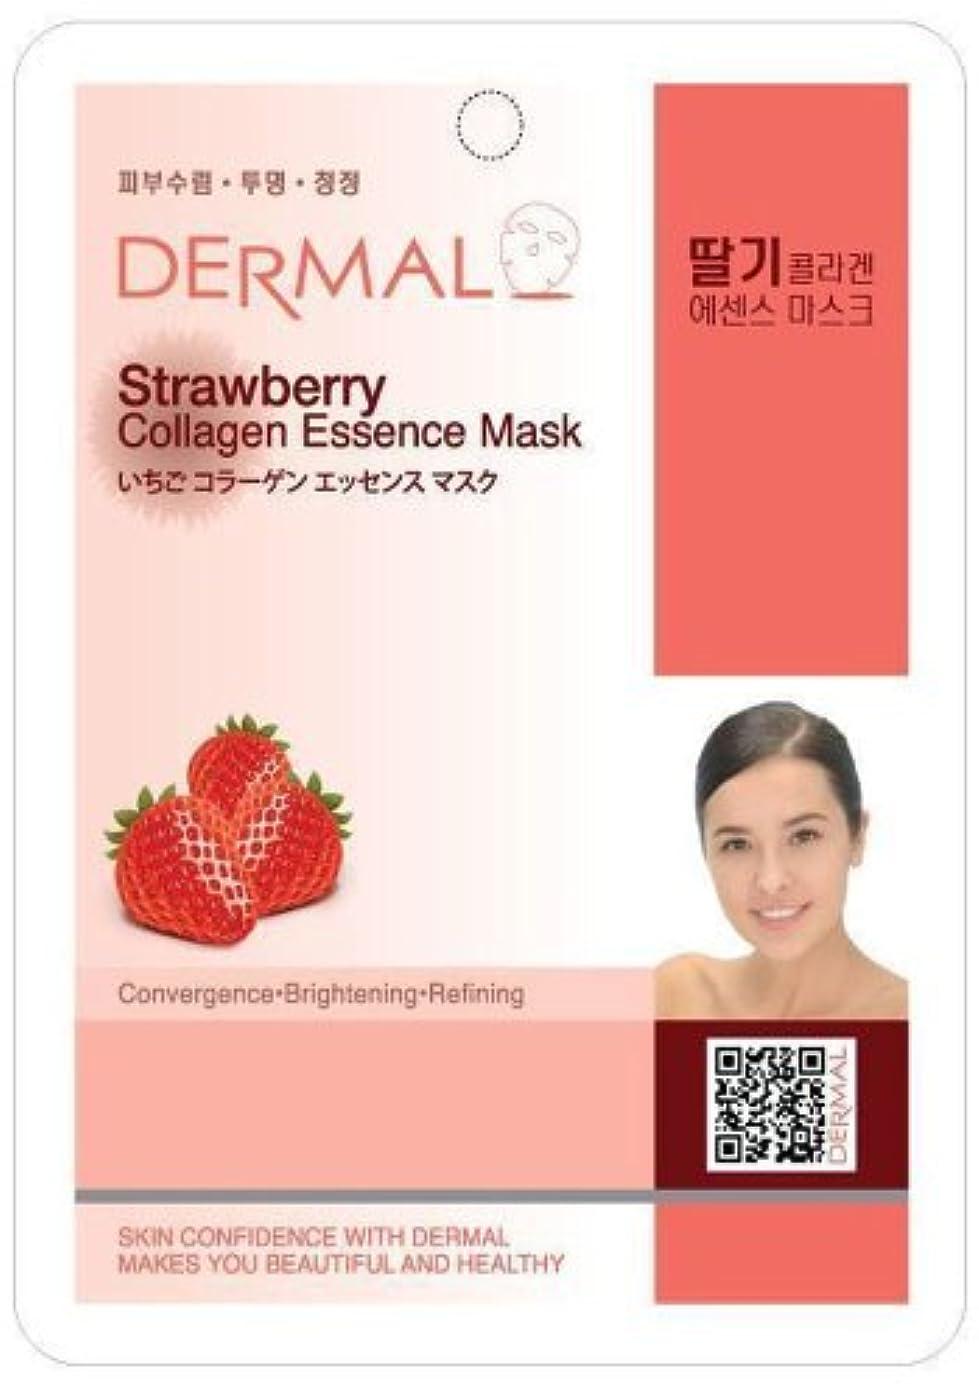 役に立つスタウト革新【DERMAL】ダーマル シートマスク いちご 10枚セット/保湿/フェイスマスク/フェイスパック/マスクパック/韓国コスメ [メール便]